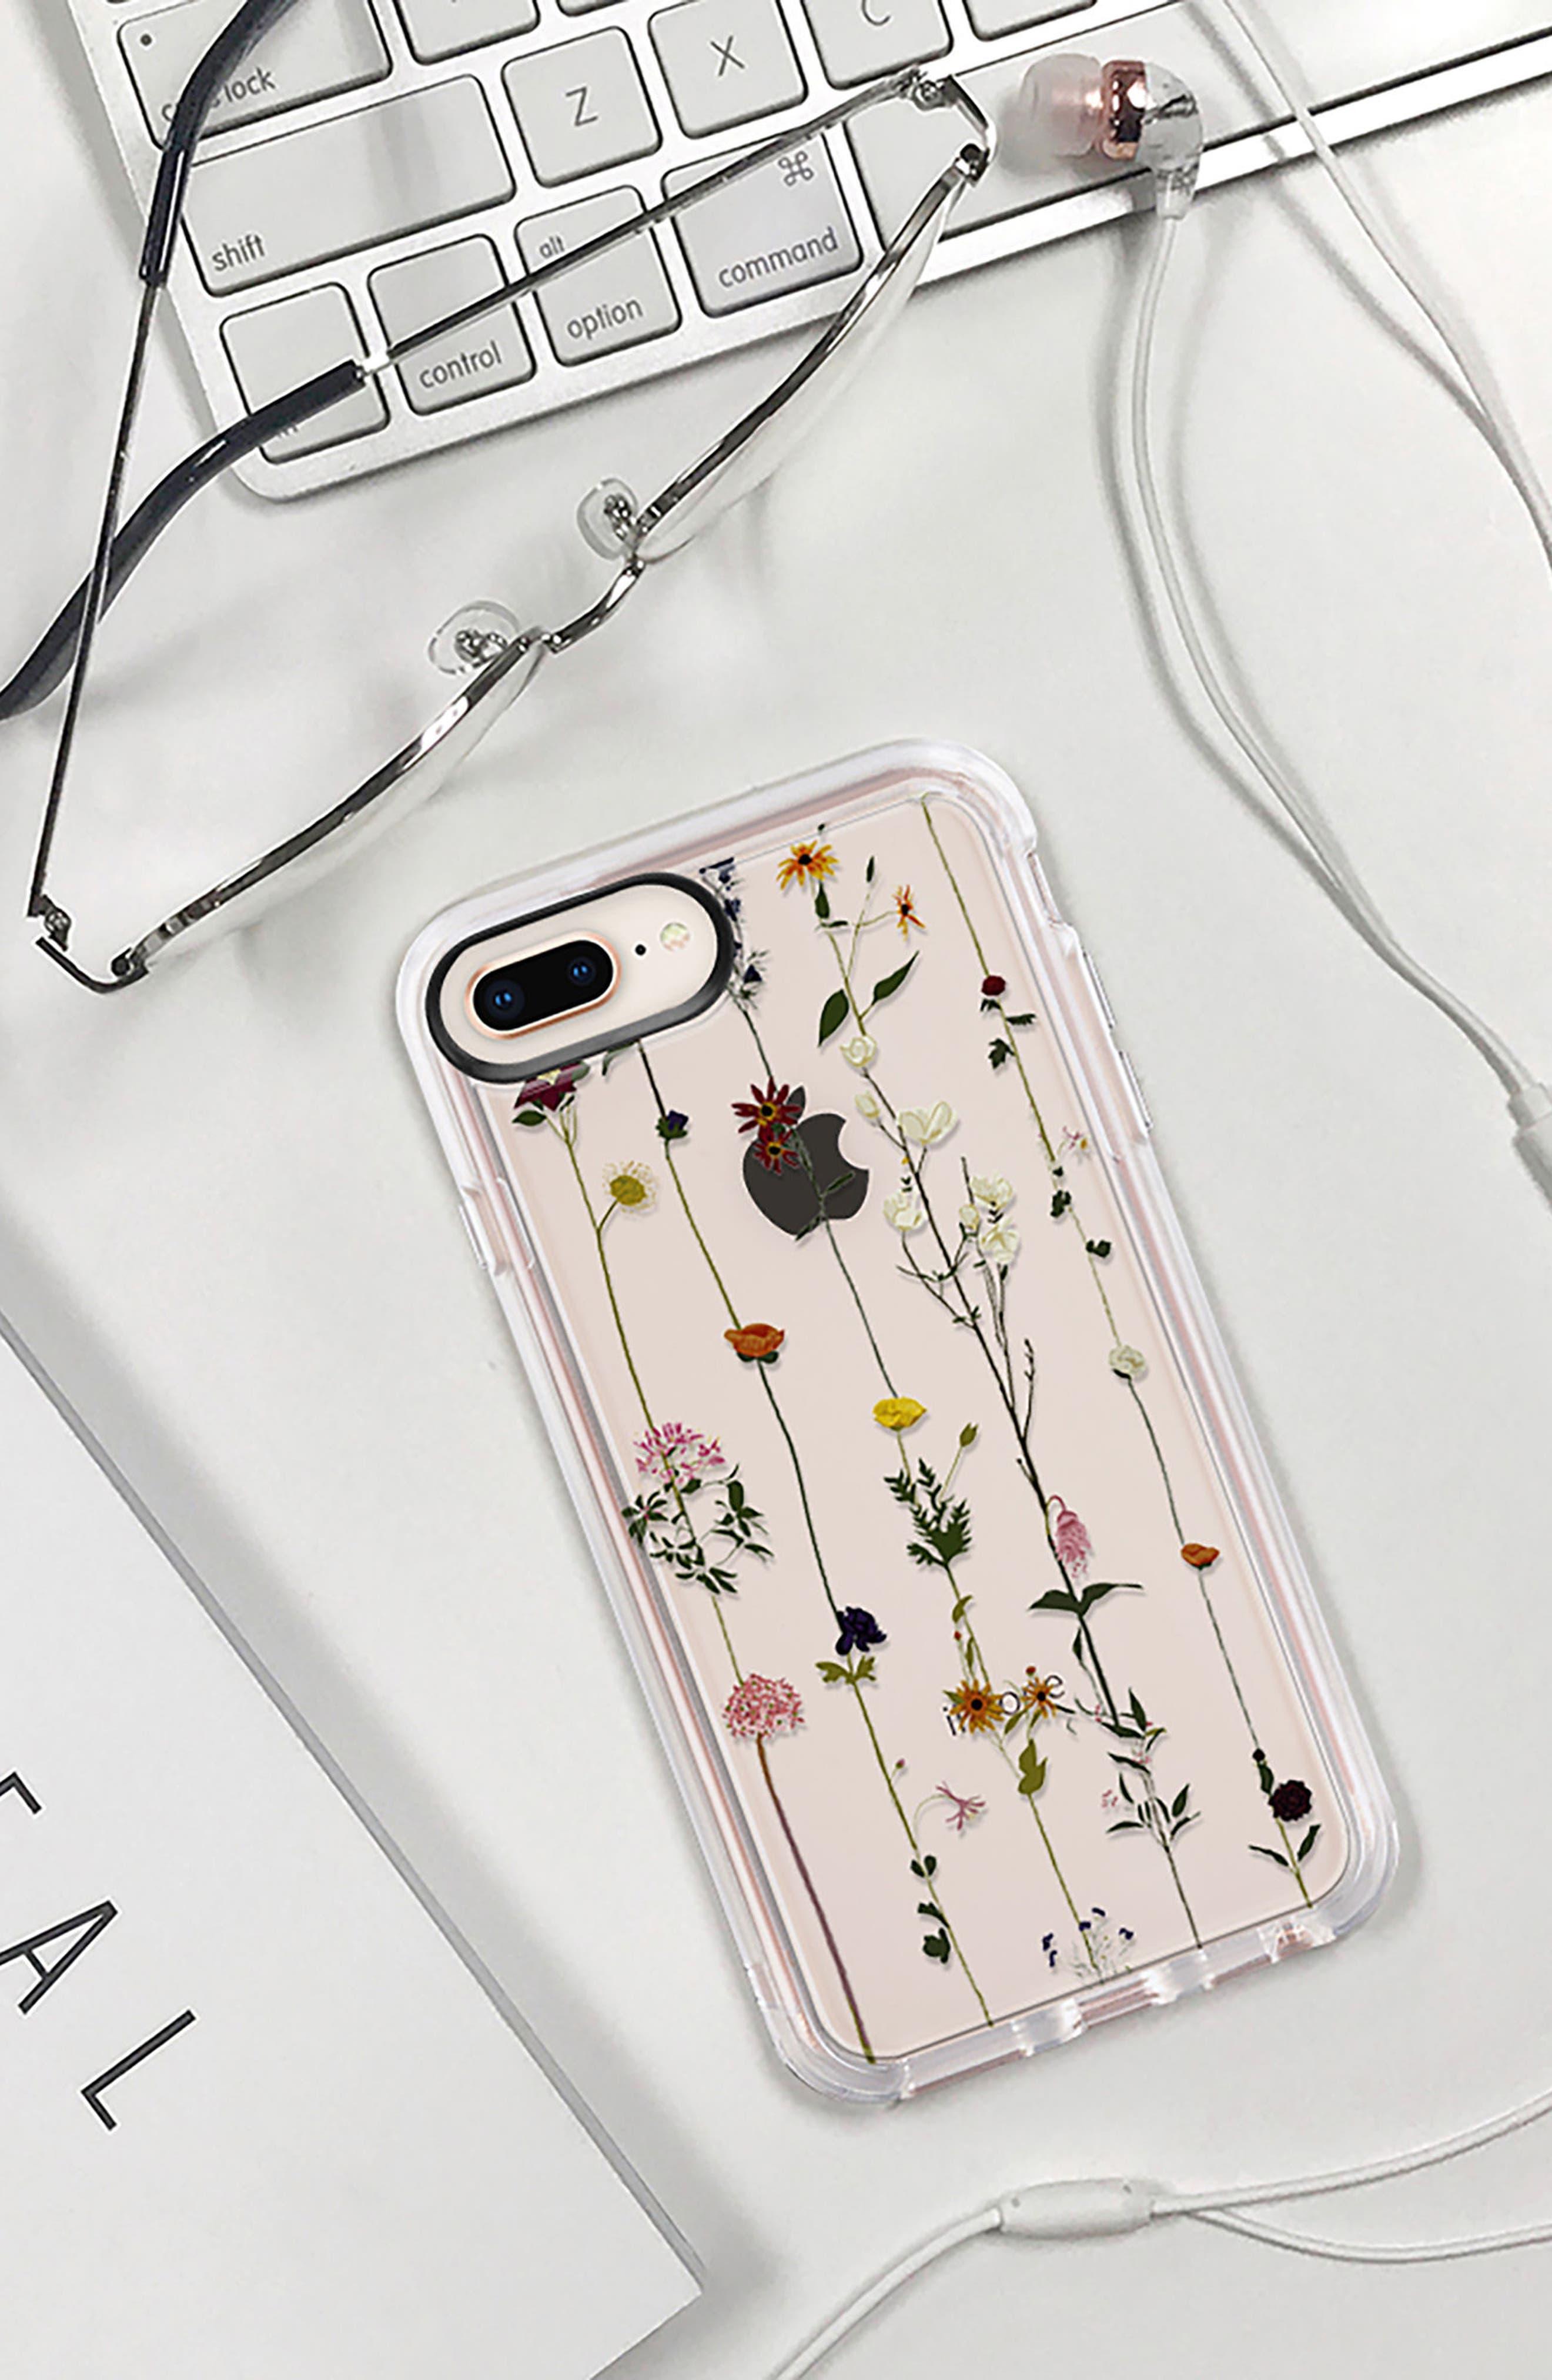 Floral Grip iPhone 7/8 & 7/8 Plus Case,                             Alternate thumbnail 9, color,                             CLEAR MULTI